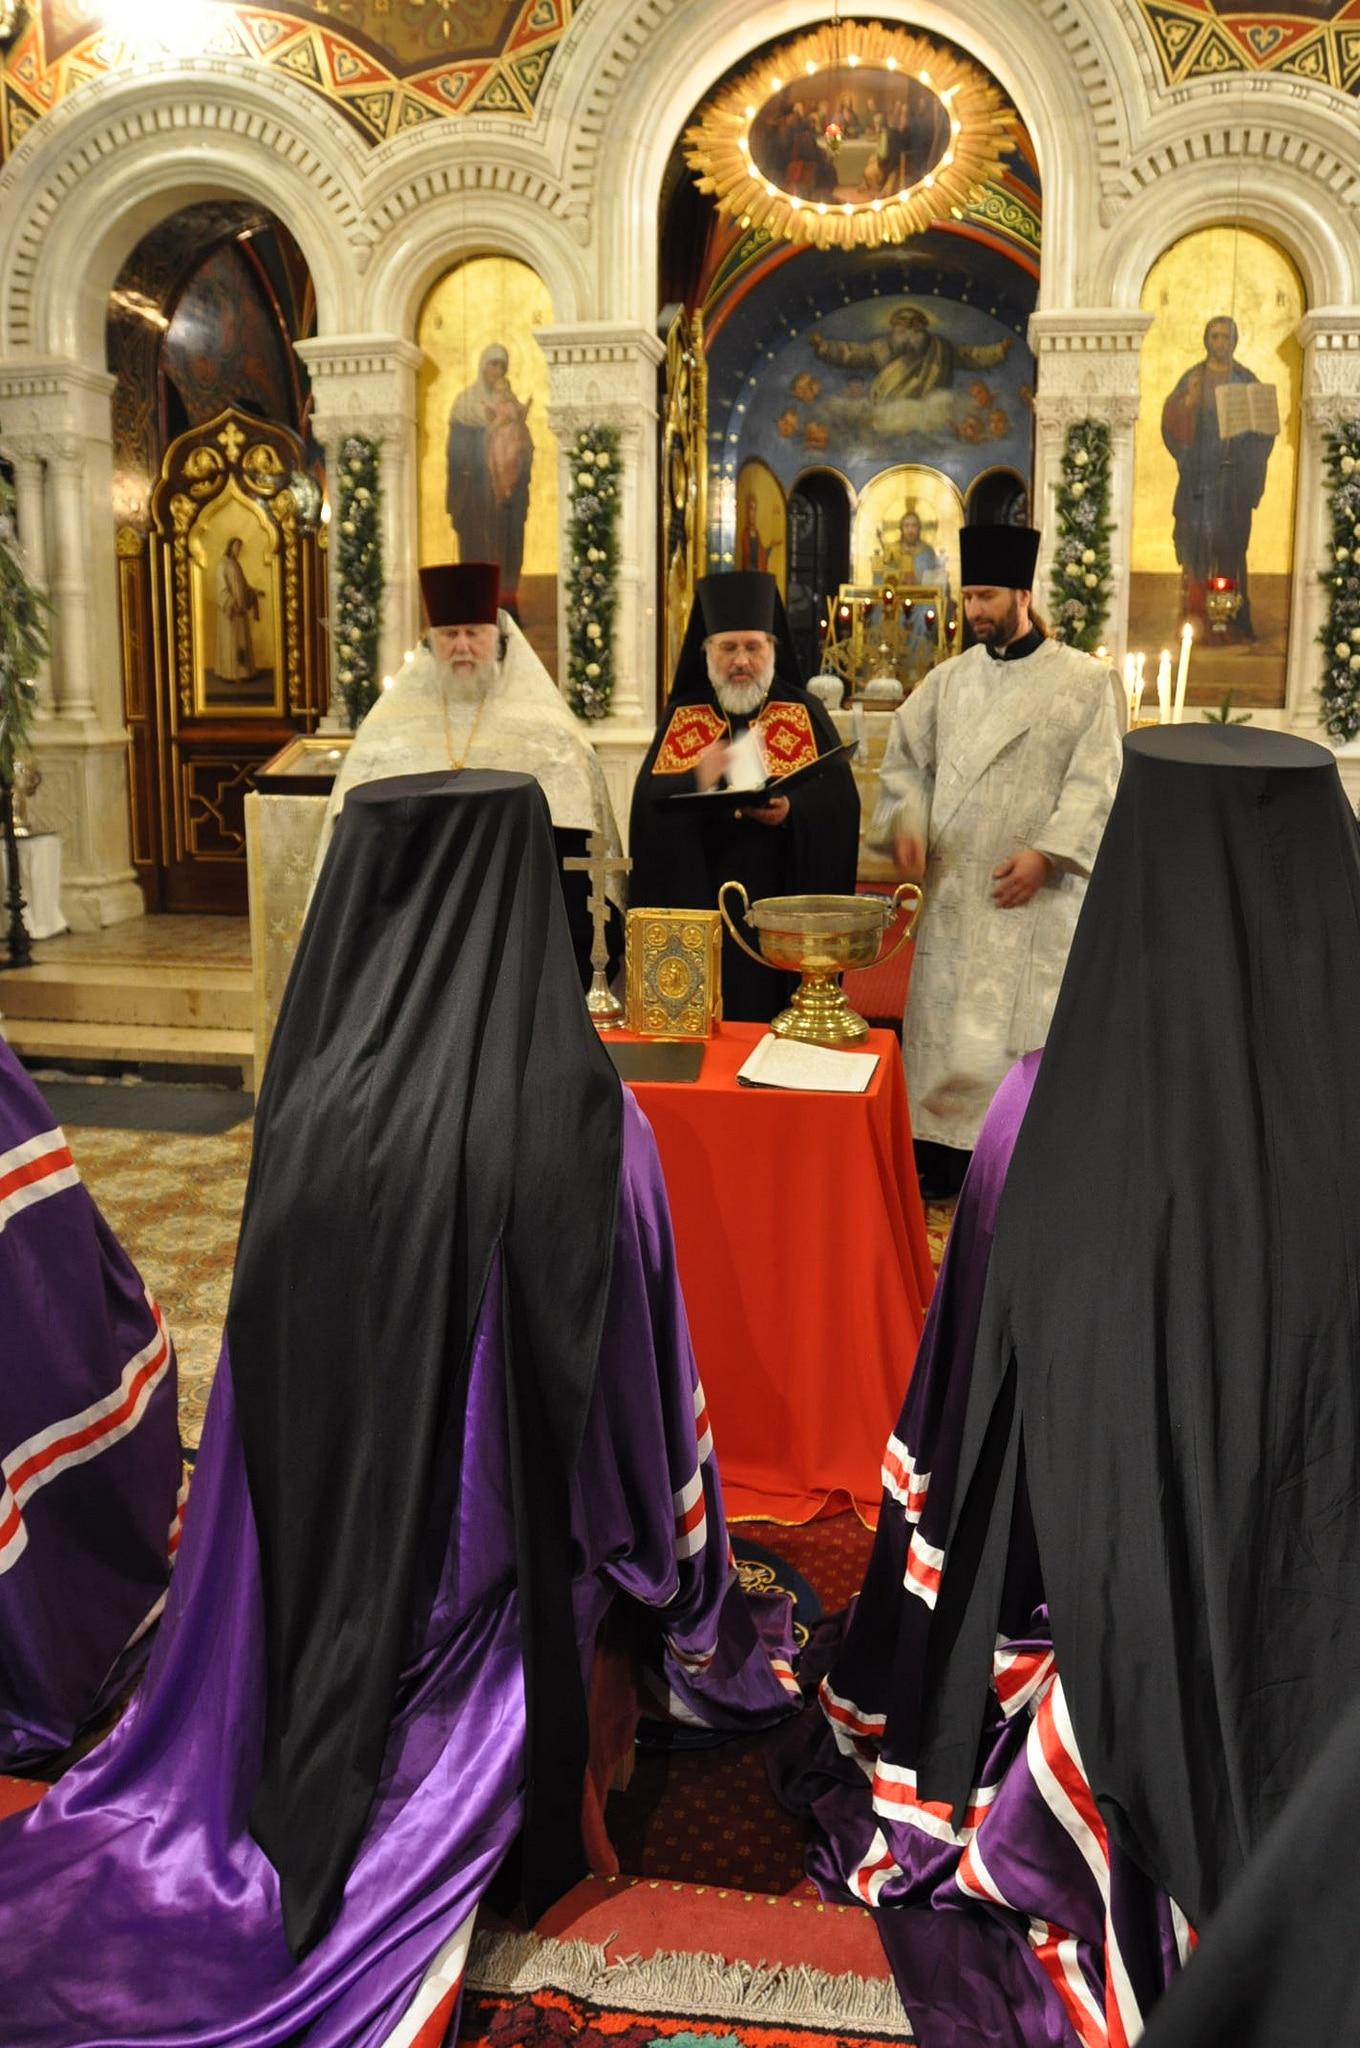 Devant les évêques, durant les vigiles le 19 janvier 2019 (© 2019 Alex Romash).